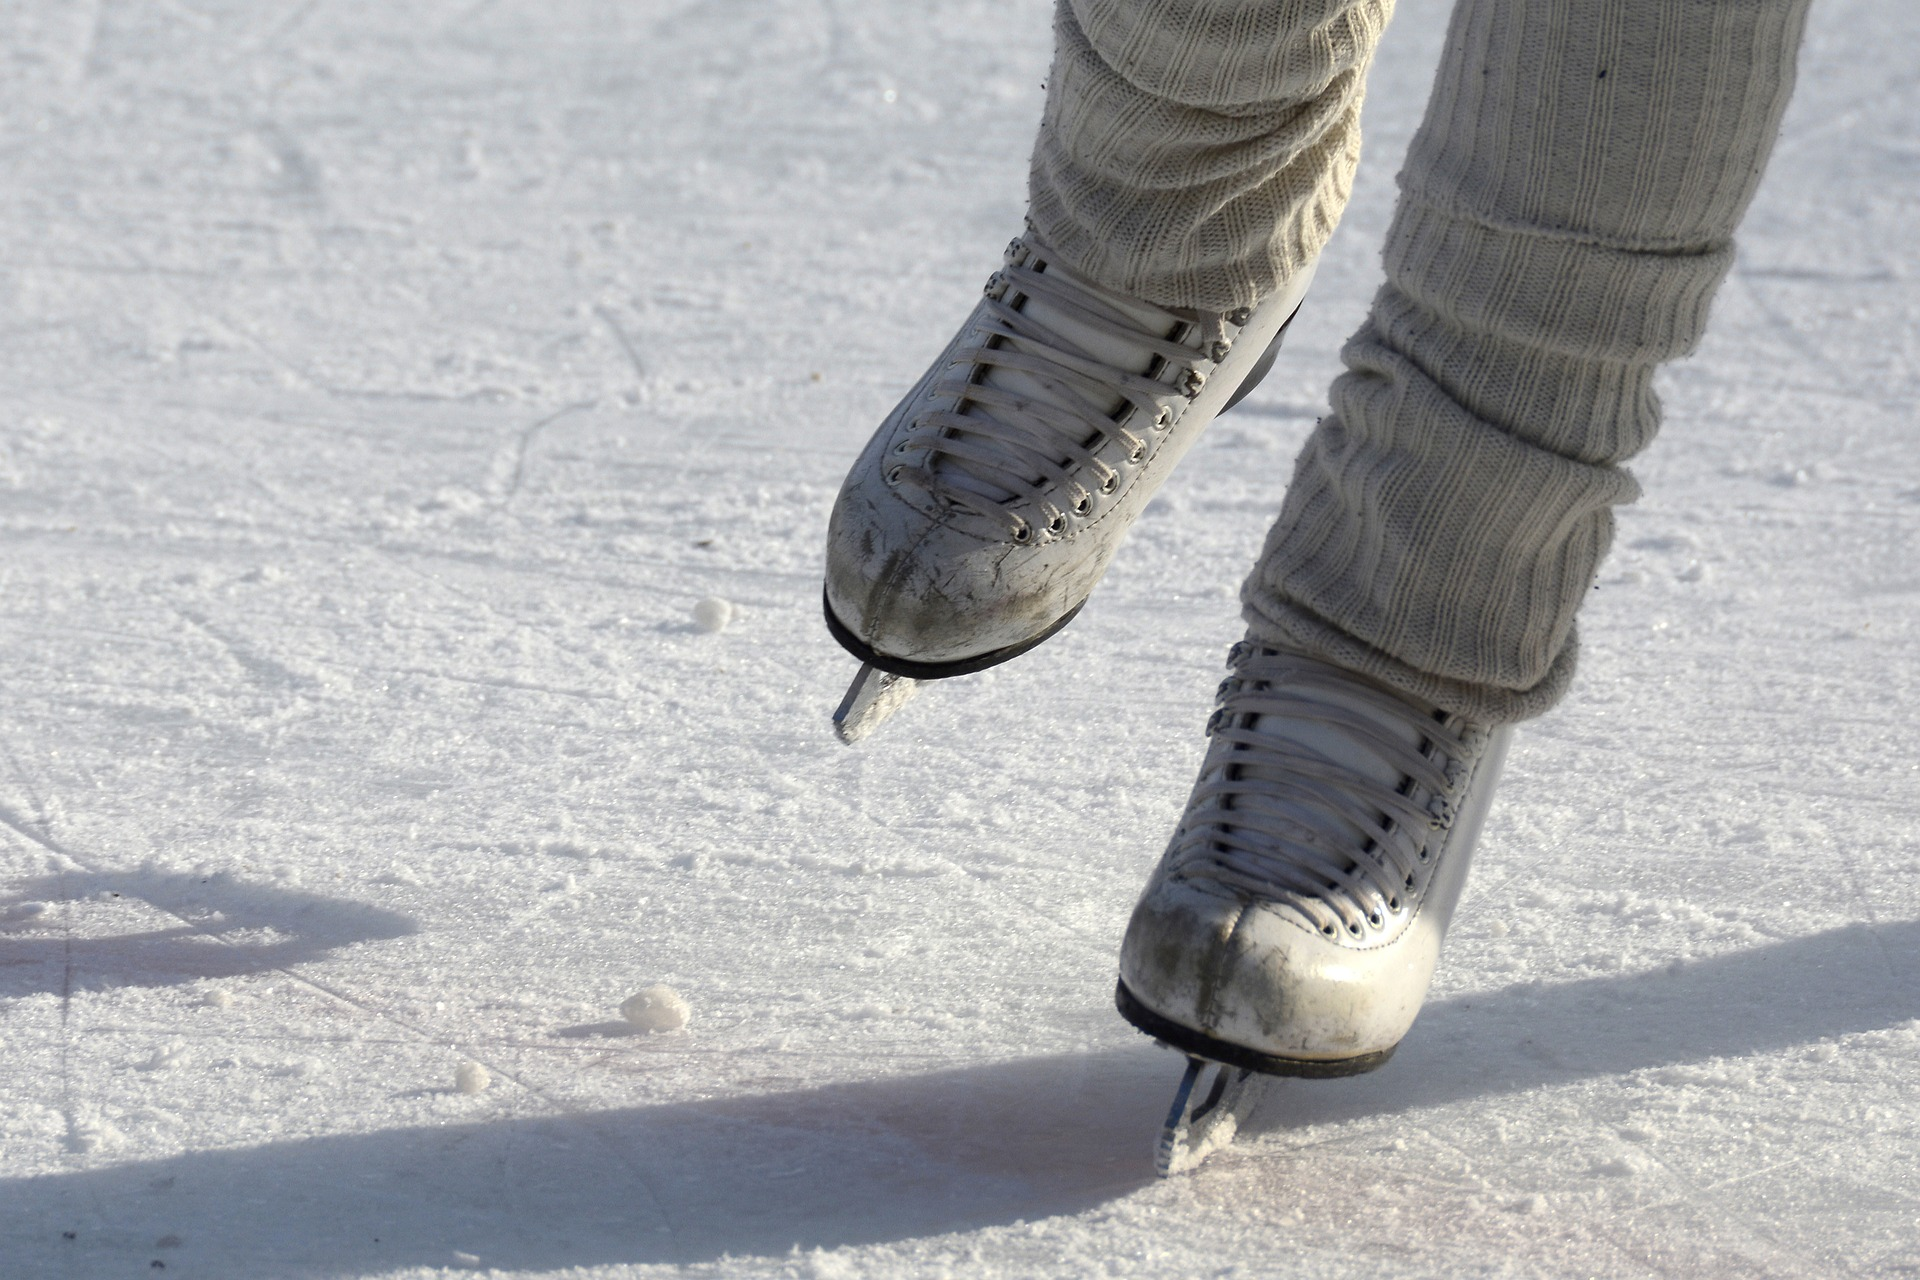 skates-2001797_1920.jpg